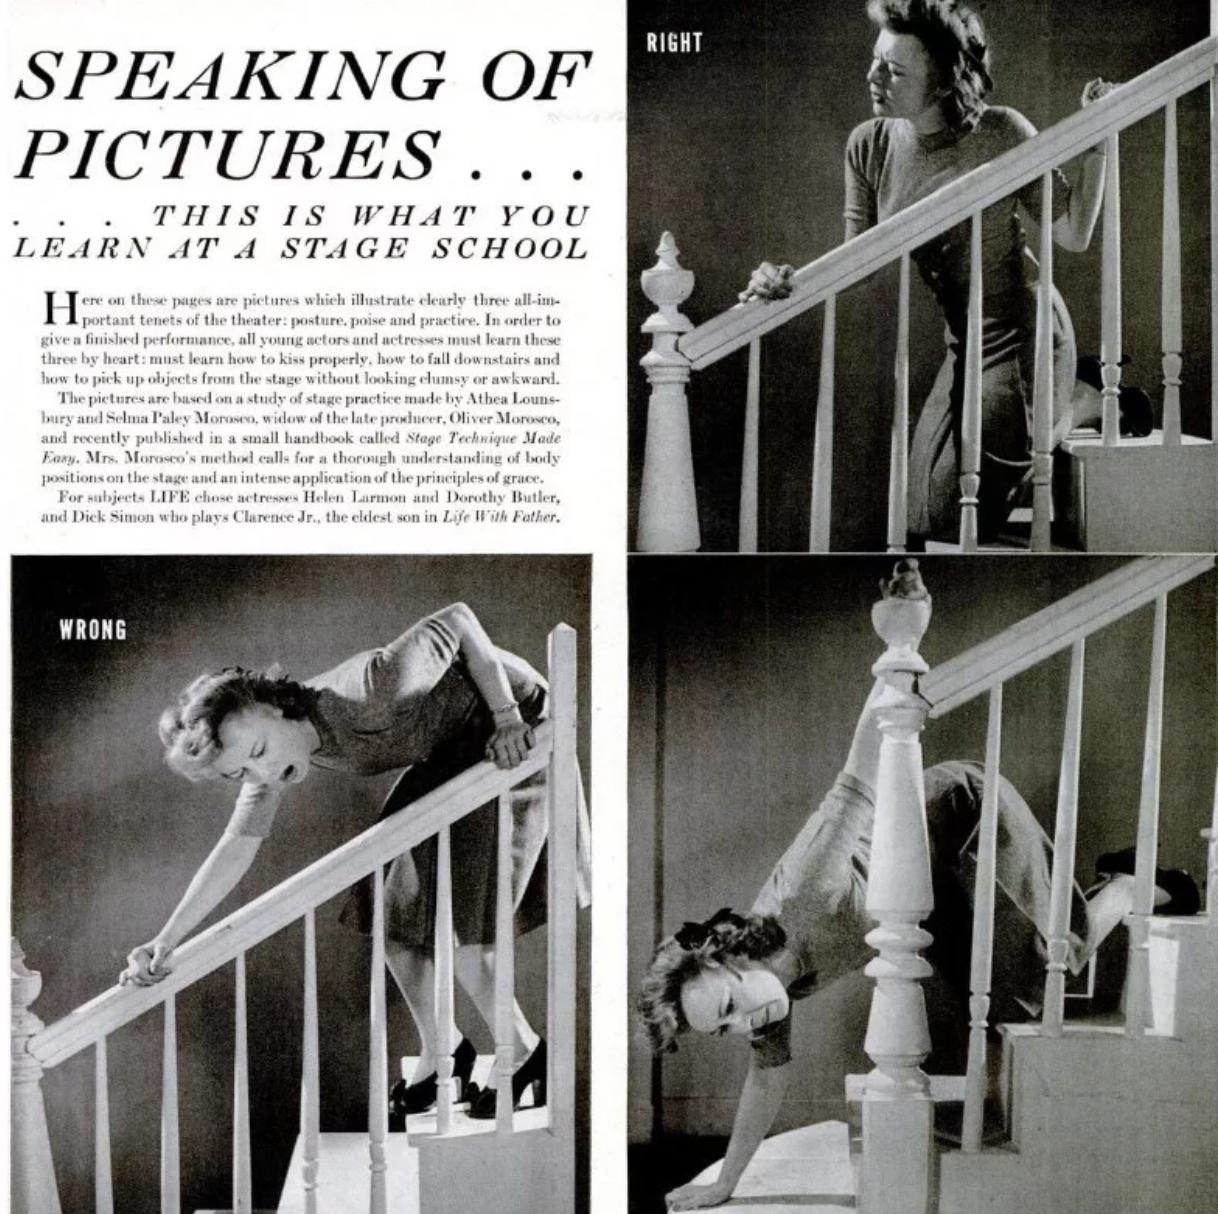 """A sorozat képei a """"Stage Technique Made Easy"""" című kézikönyv alapján készültek, amelyet Selma Paley Morosco és Athea Lounsbury írtak. A Life-ban megjelent cikk, pedig arról szólt, hogy mit tanítanak a fiatal színészeknek a csókolózásról, vagy akár arról, hogyan lehet hitelesen leesni a lépcsőn."""